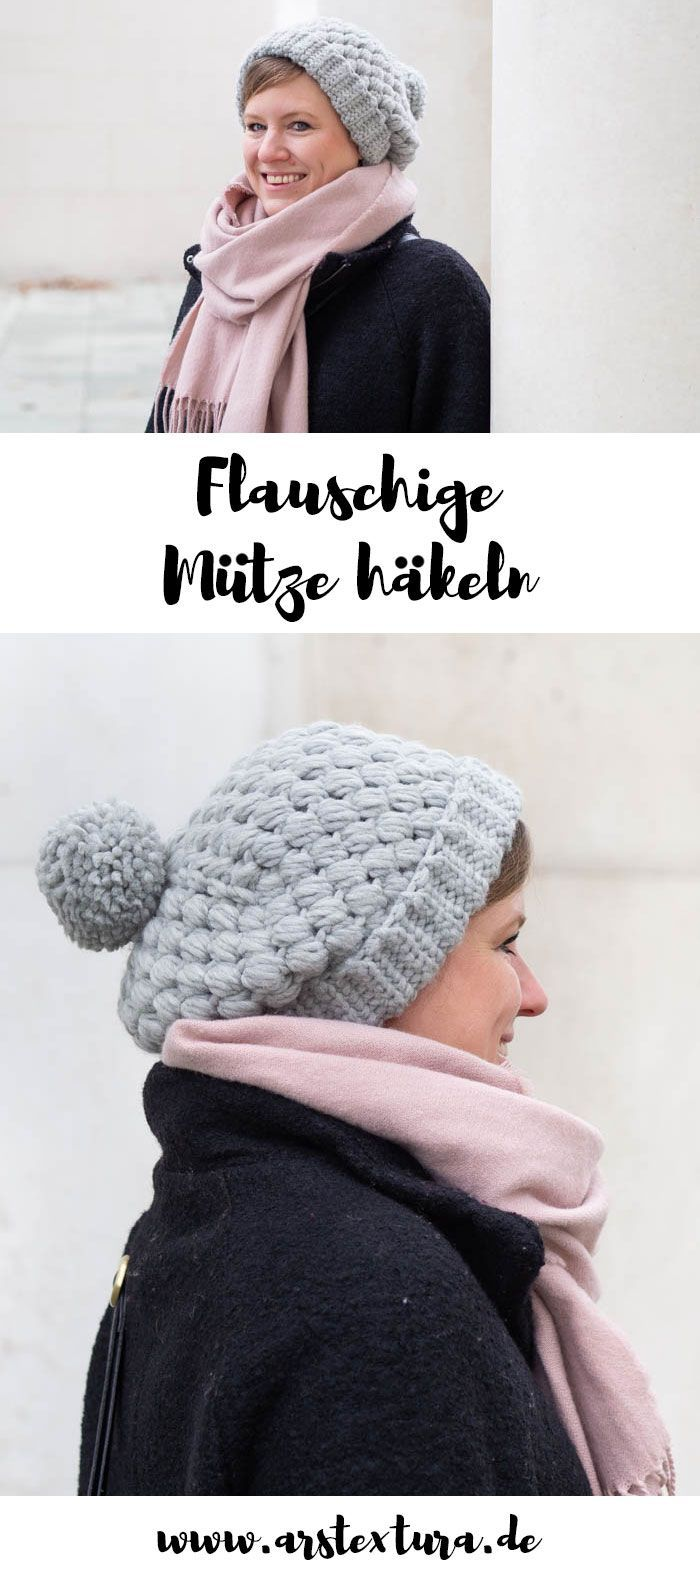 Photo of Kuschelige Mütze häkeln | ars textura – DIY-Blog